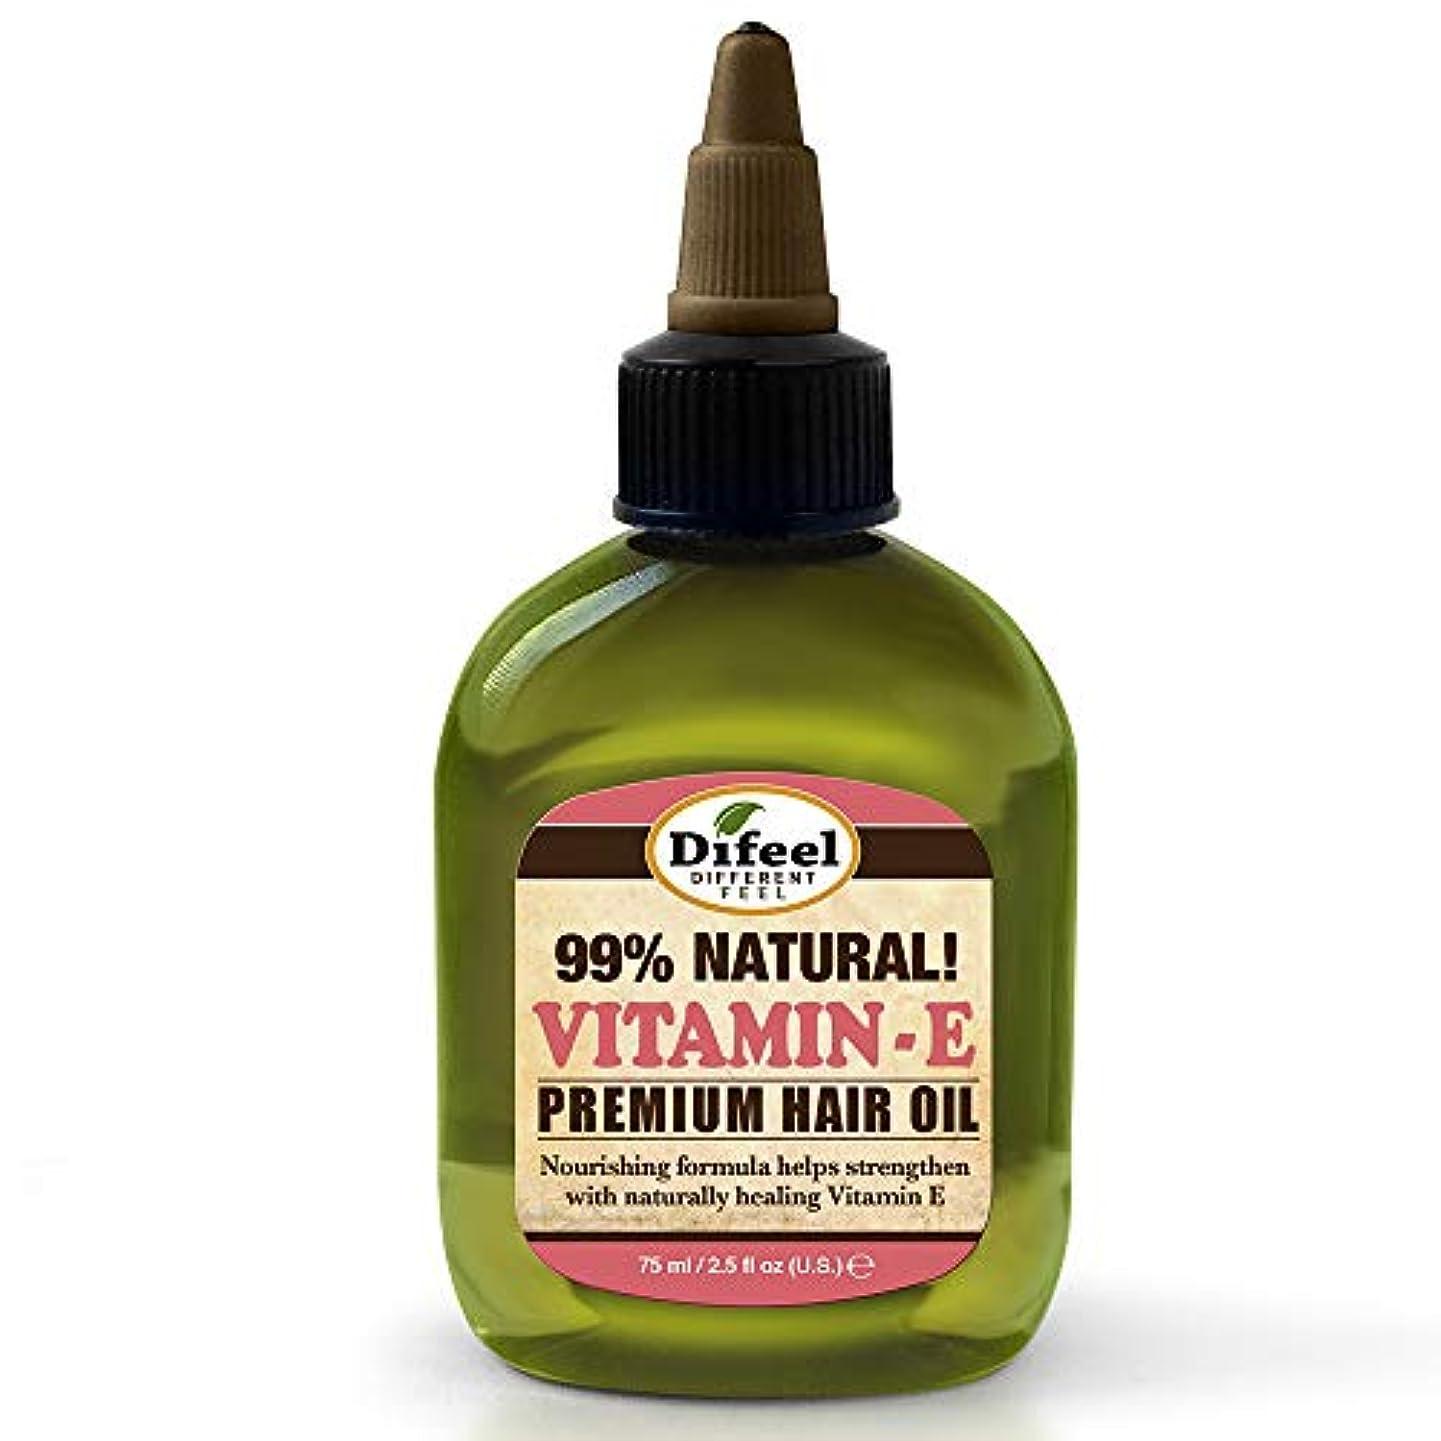 放棄縮約和解するDifeel ビタミンEオイルプレミアムナチュラルヘアオイル70g(6パック)